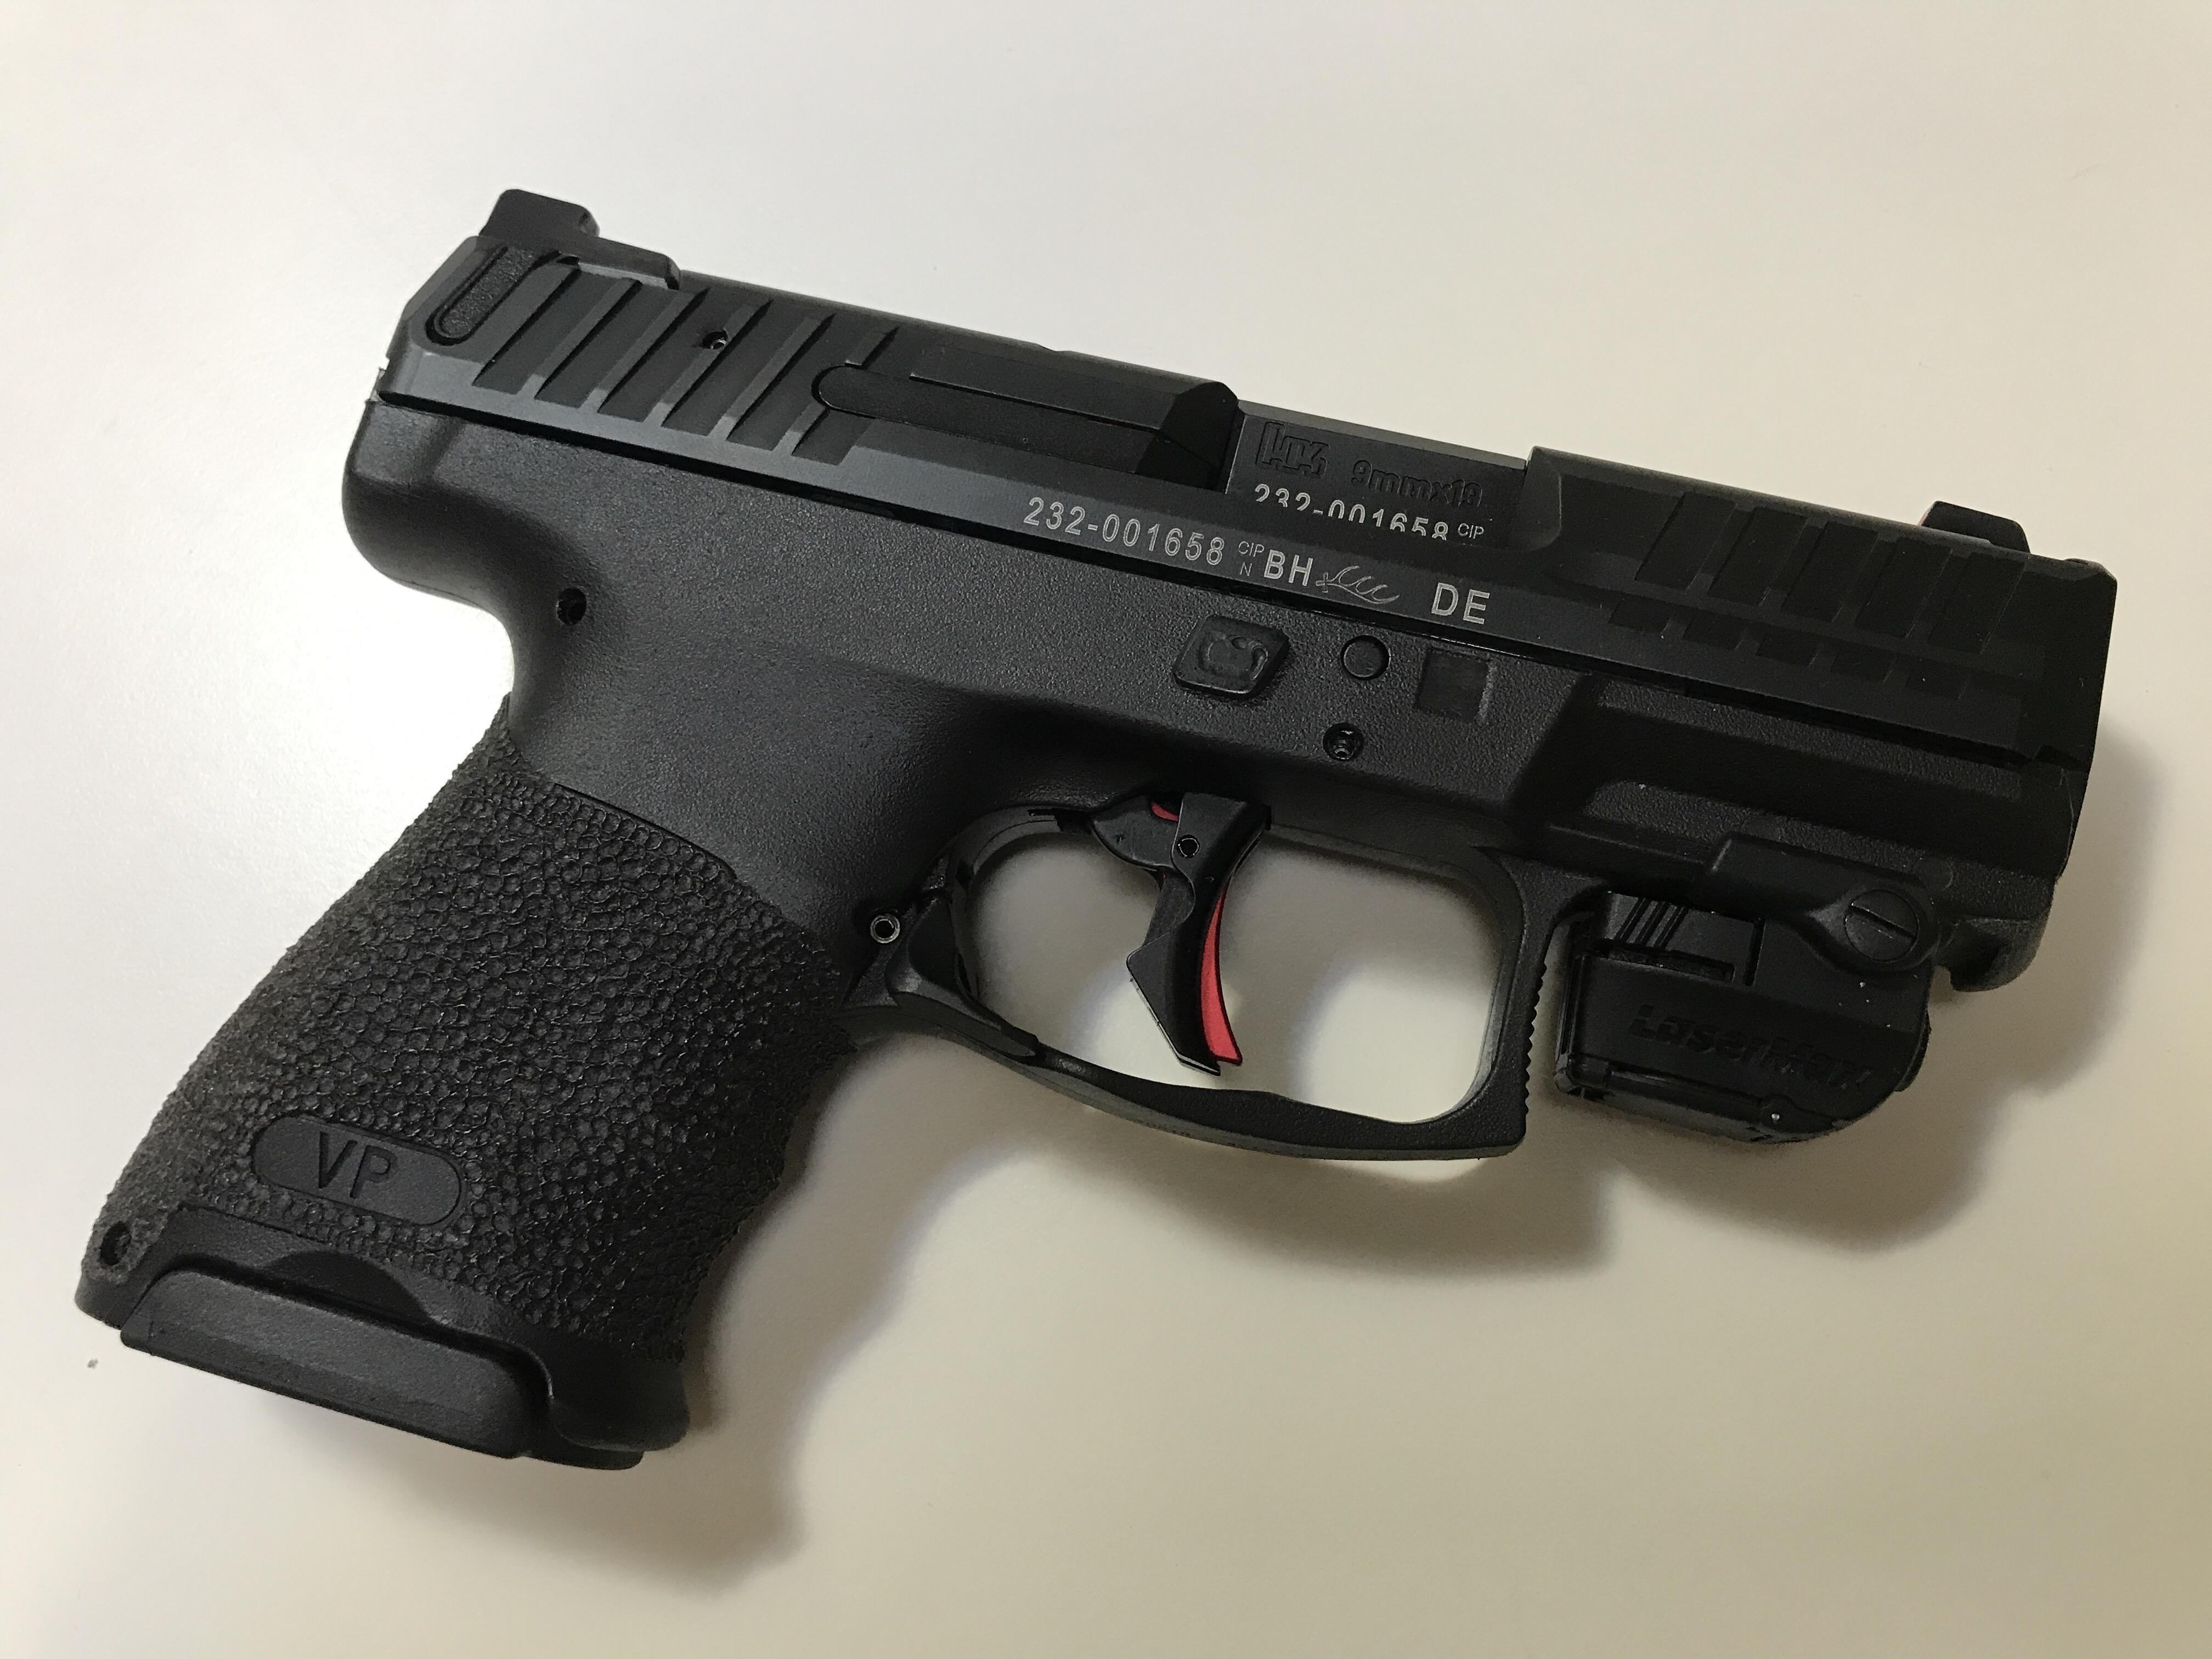 Laser for a VP9 SK-fullsizerender-31.jpg